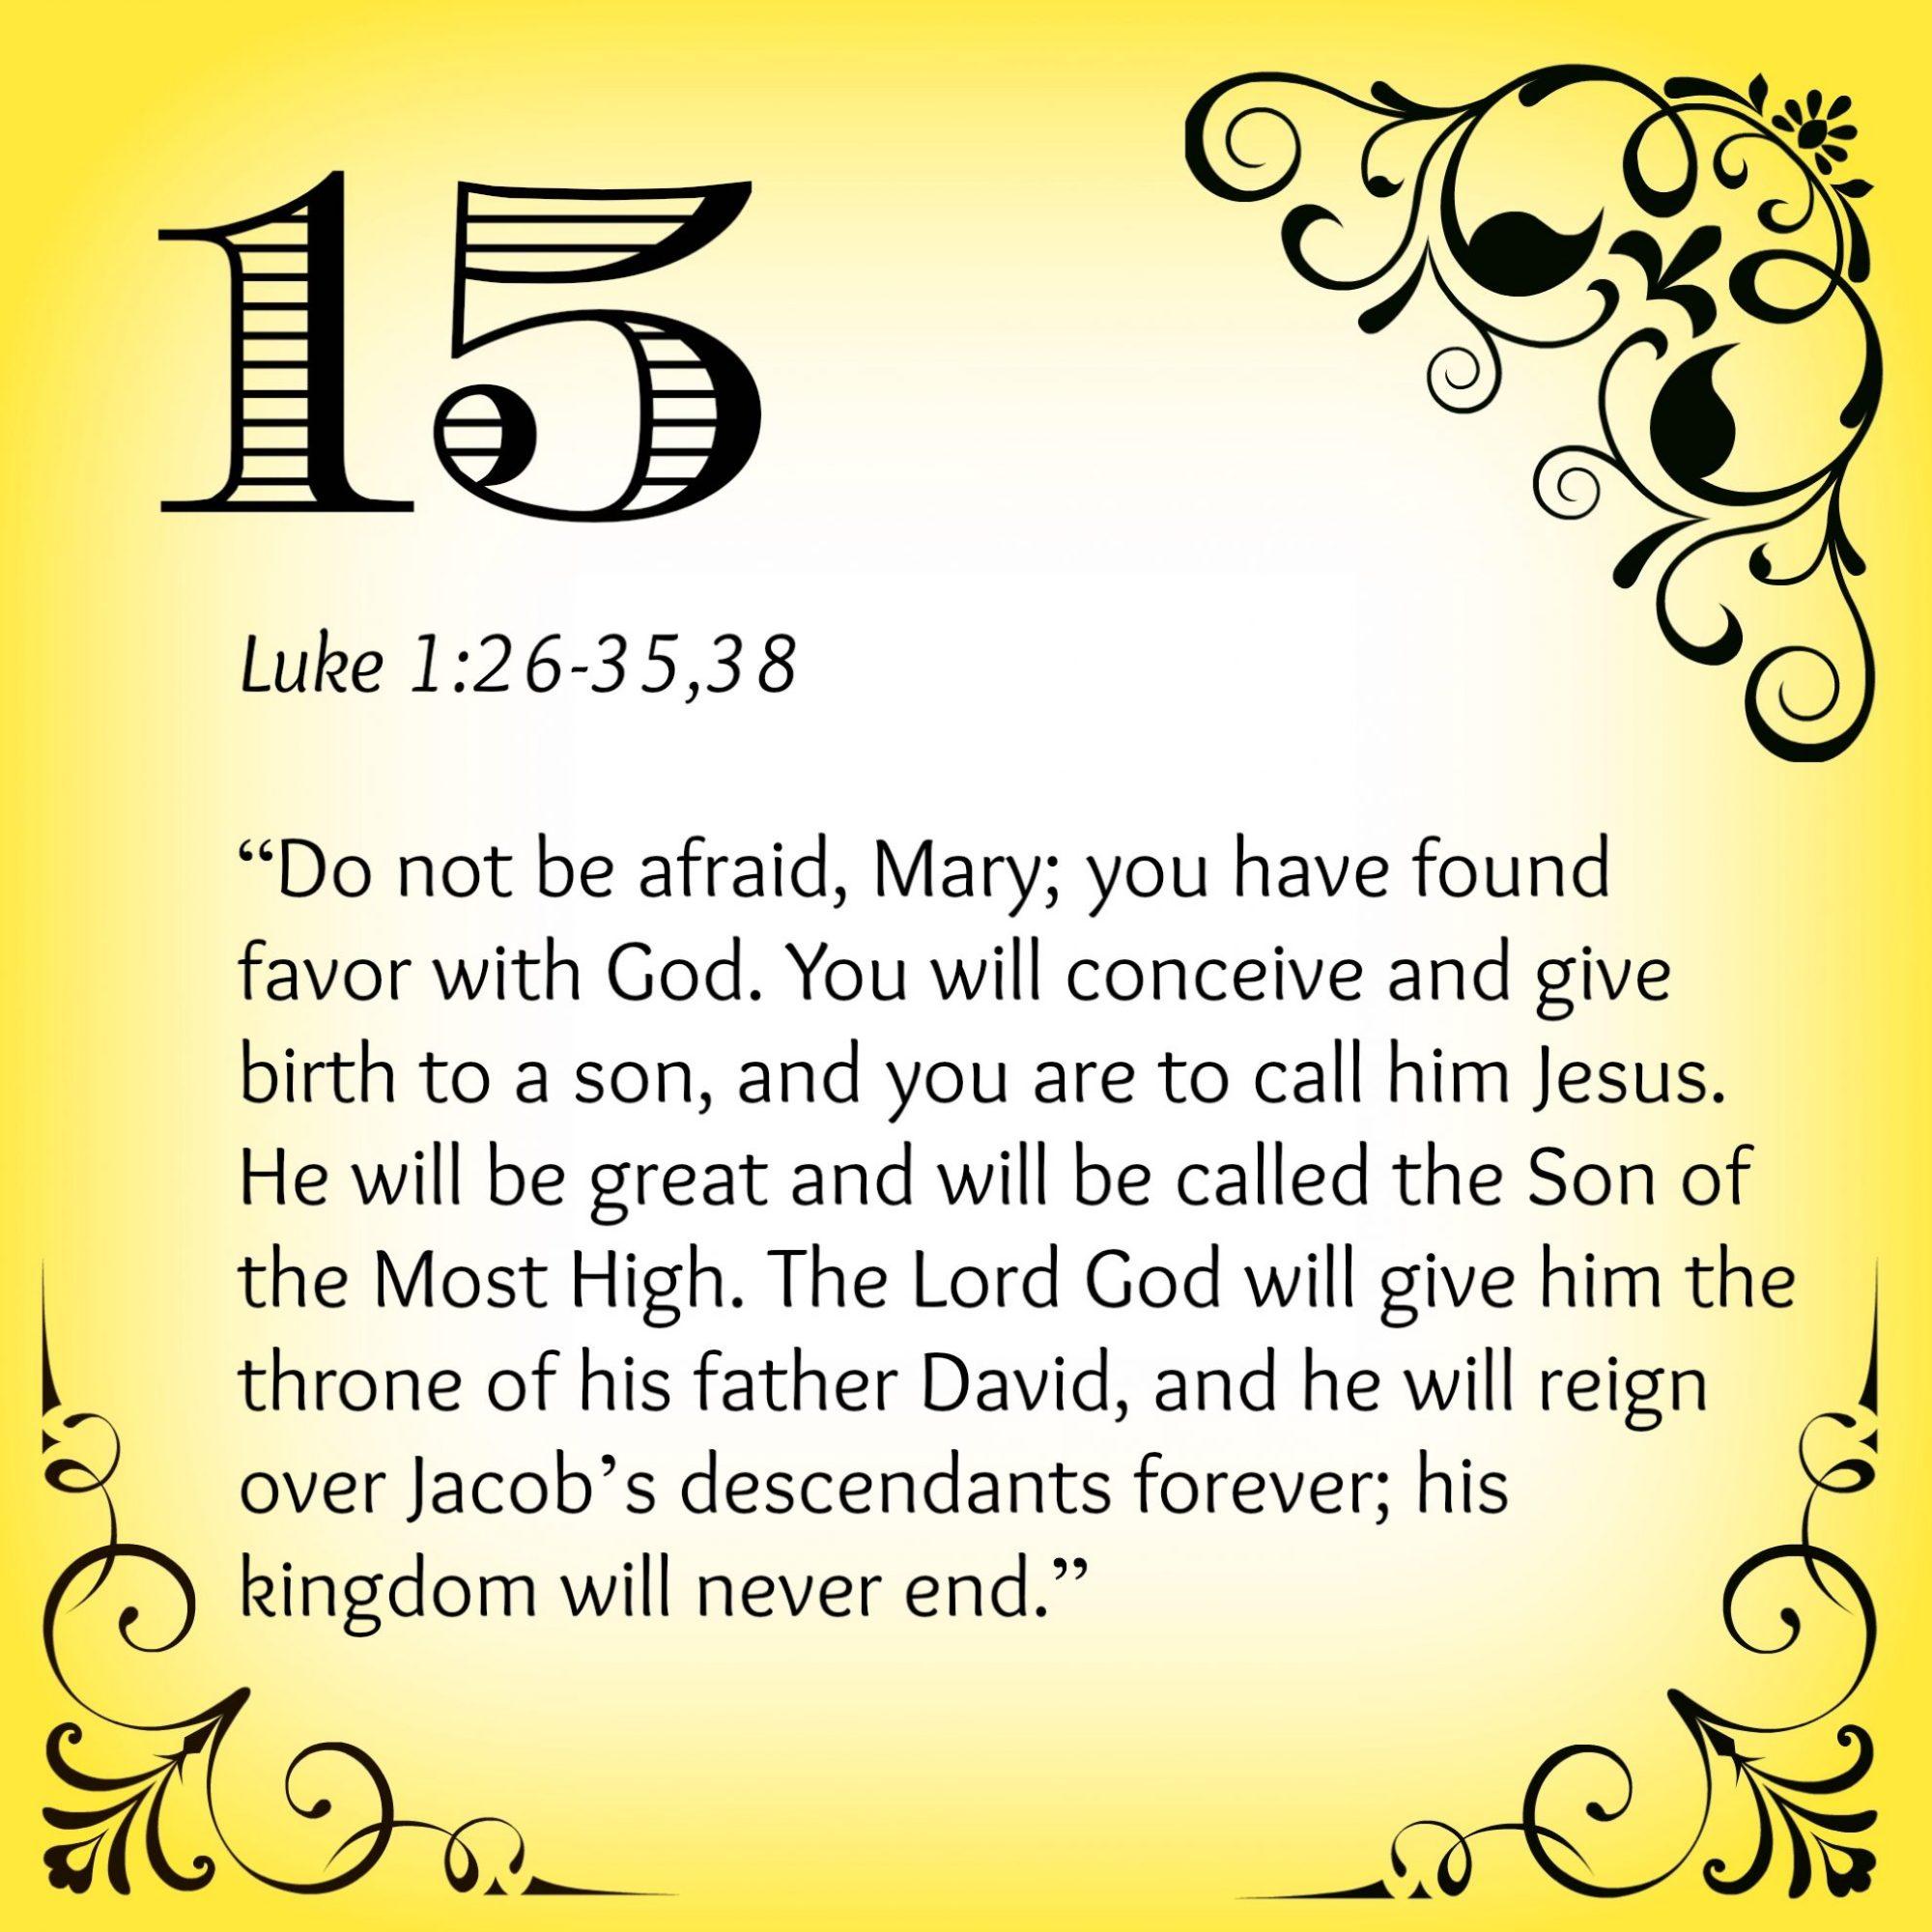 15-Luke1